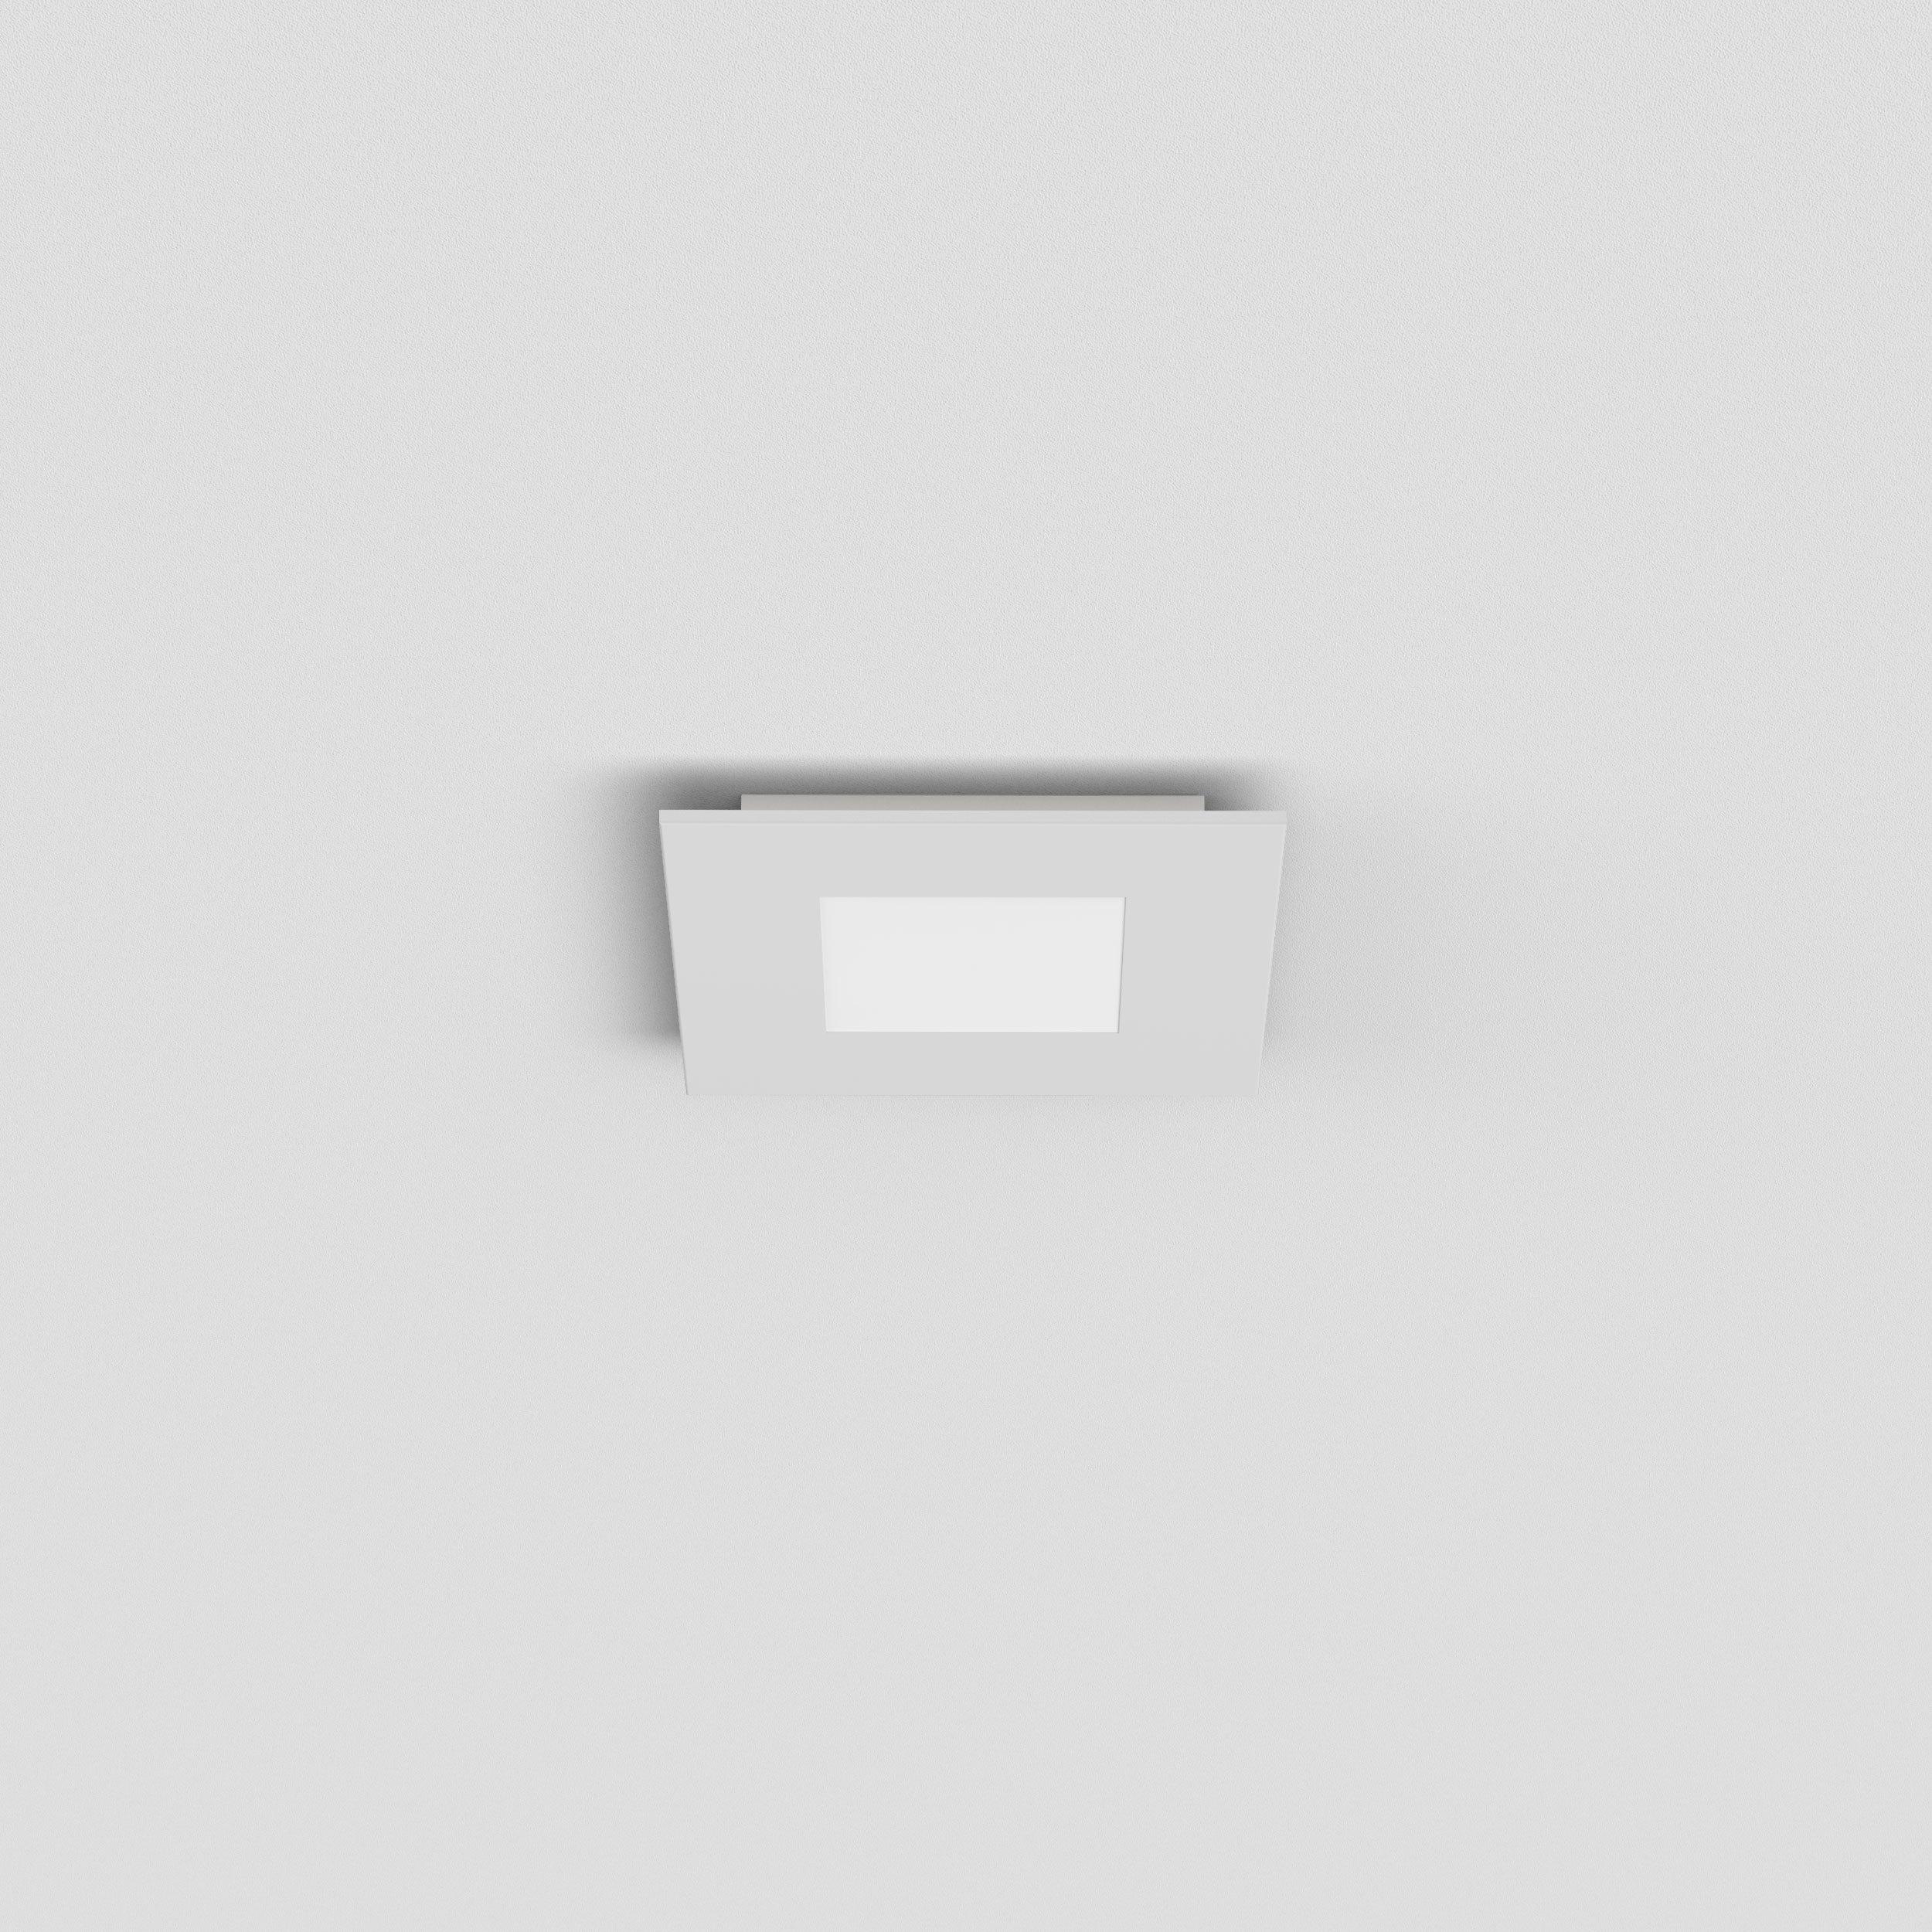 Потолочный светодиодный светильник Astro Zero 1382001 (7419), LED 15,4W 2700K 806.6lm CRI>80, белый, металл со стеклом/пластиком, пластик - фото 4